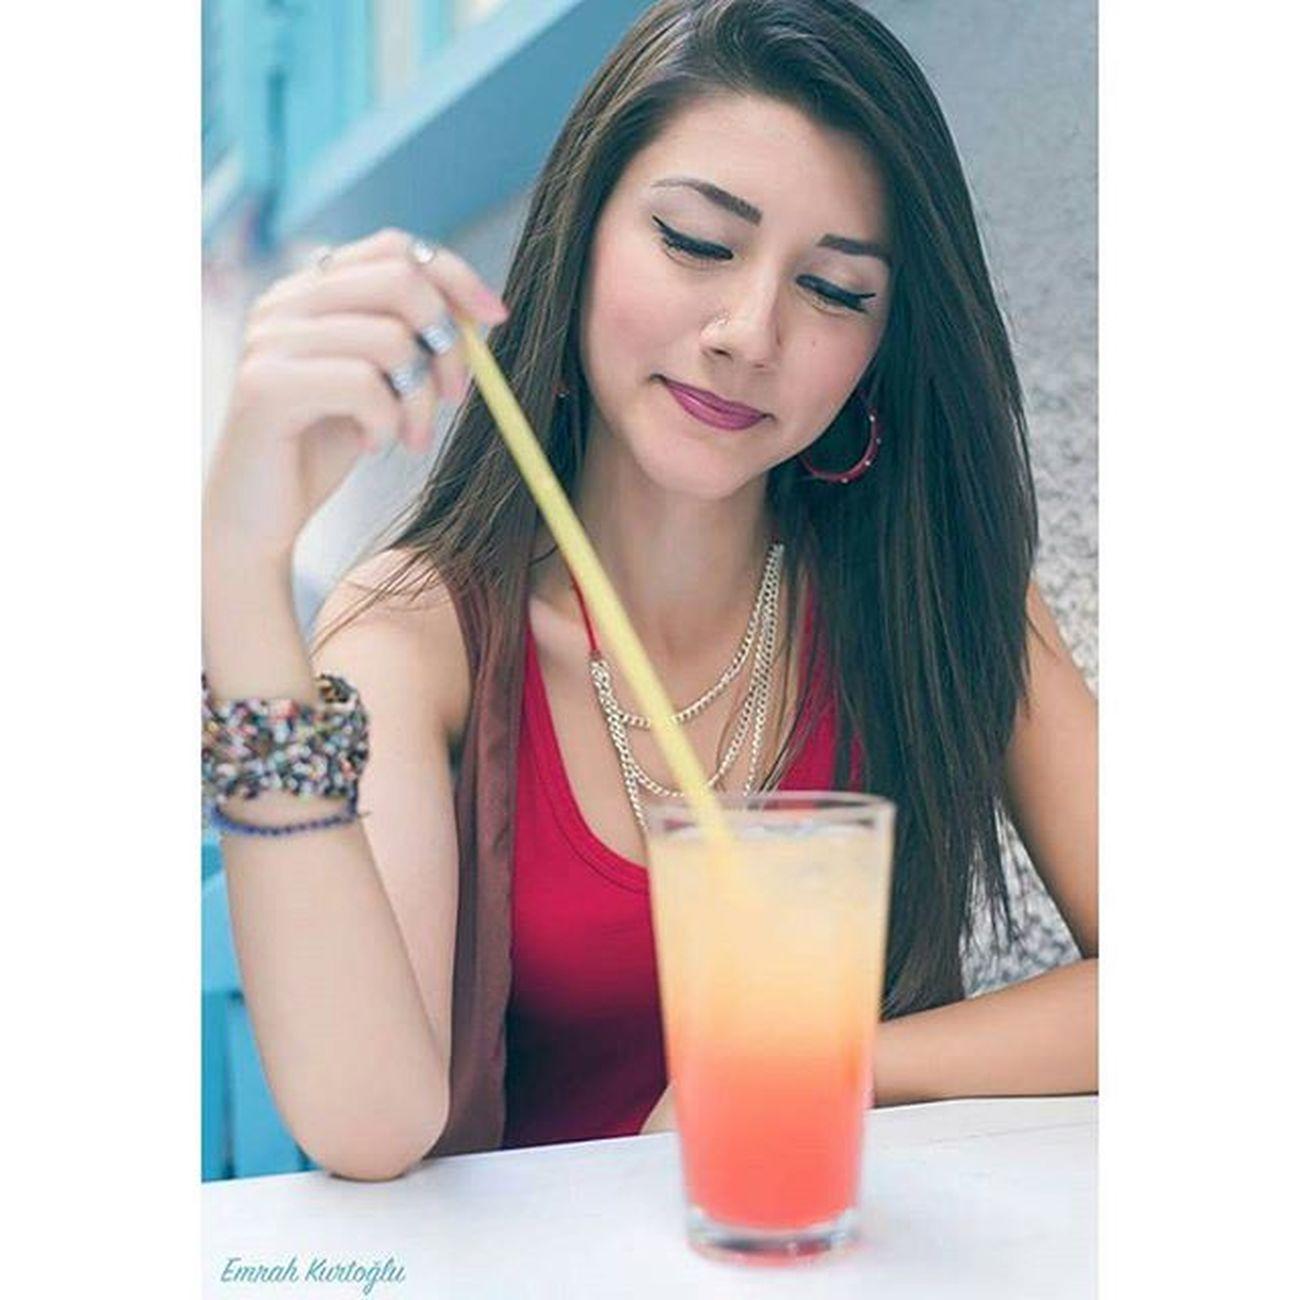 Kokteylden daha renkli bir kız benim modelim :) Model Girl Teen Young Turkish Aydin Izmir Güzel Beauty Portre Portrait Instagood Igers Follow Colorful Lovely Happy Smile Alacati EmrahKurtoglu